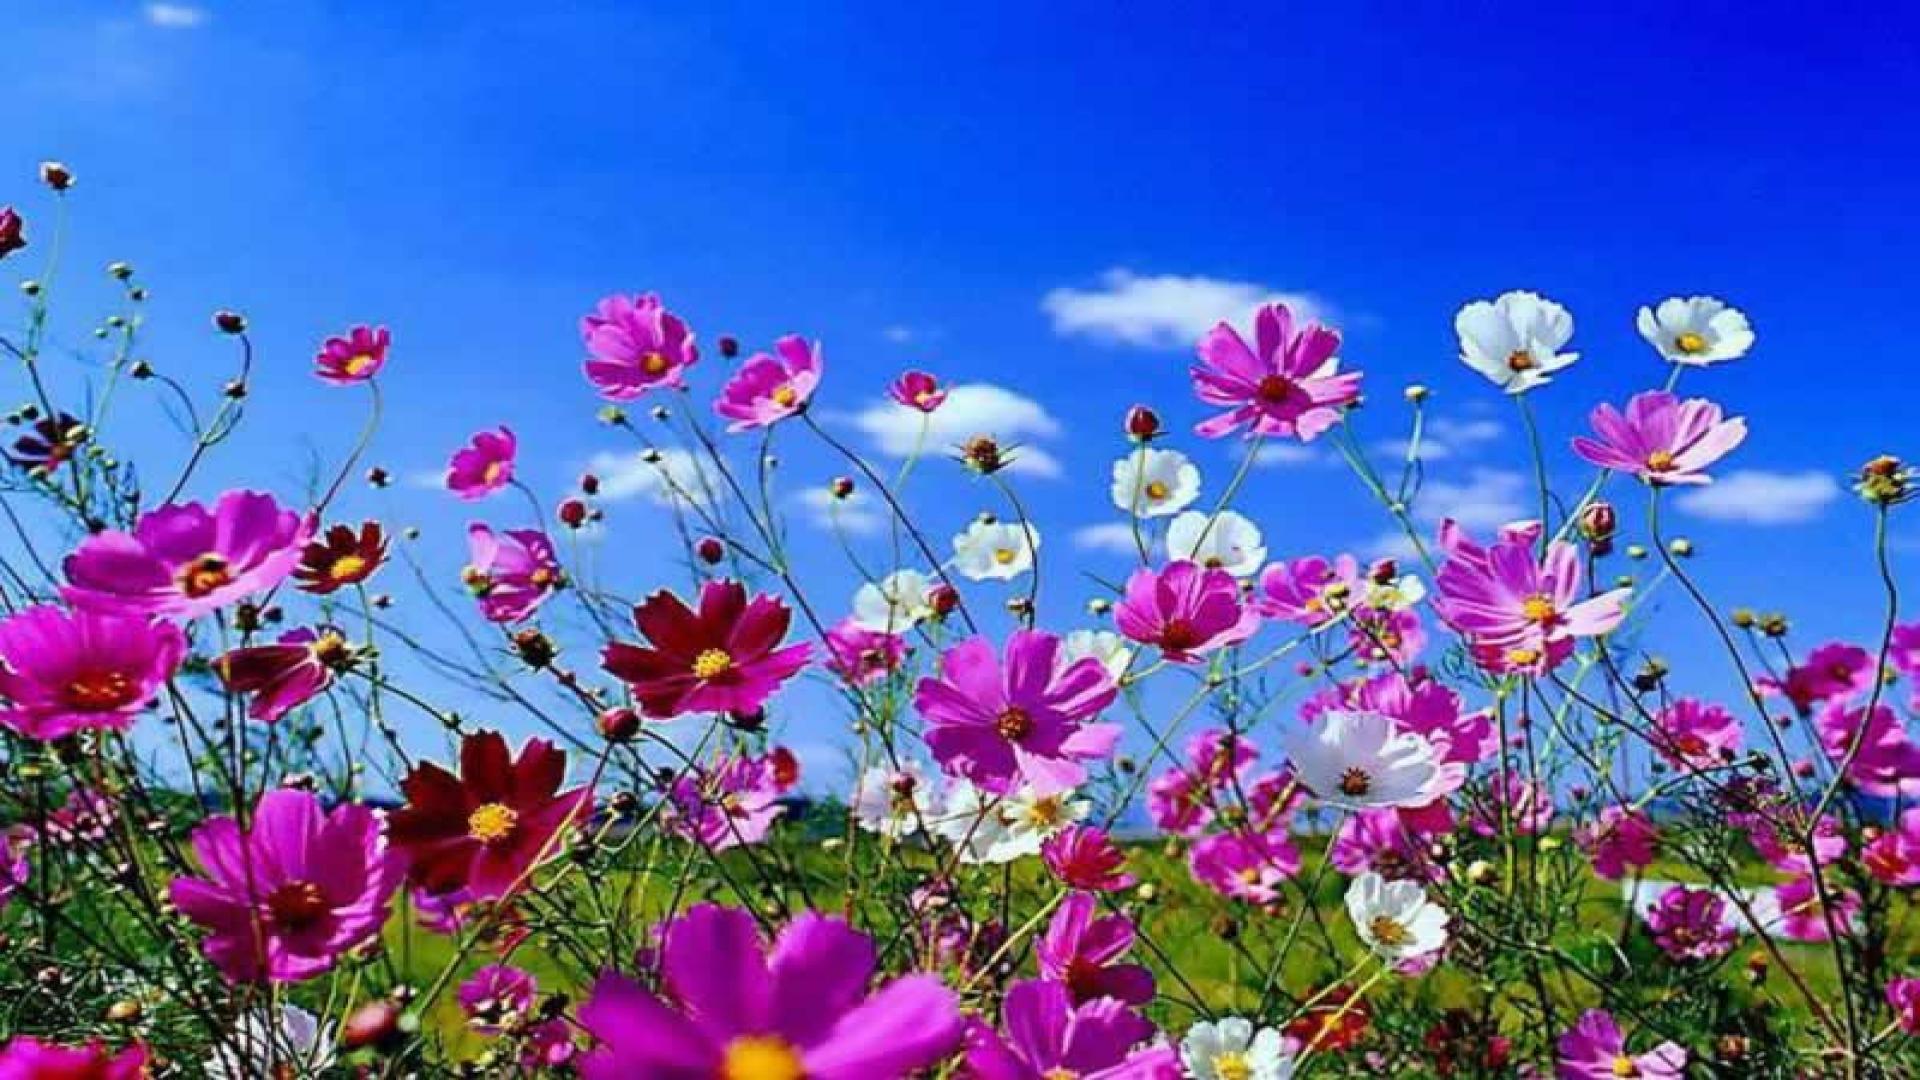 beautiful spring desktop wallpaper wallpaper high definition high